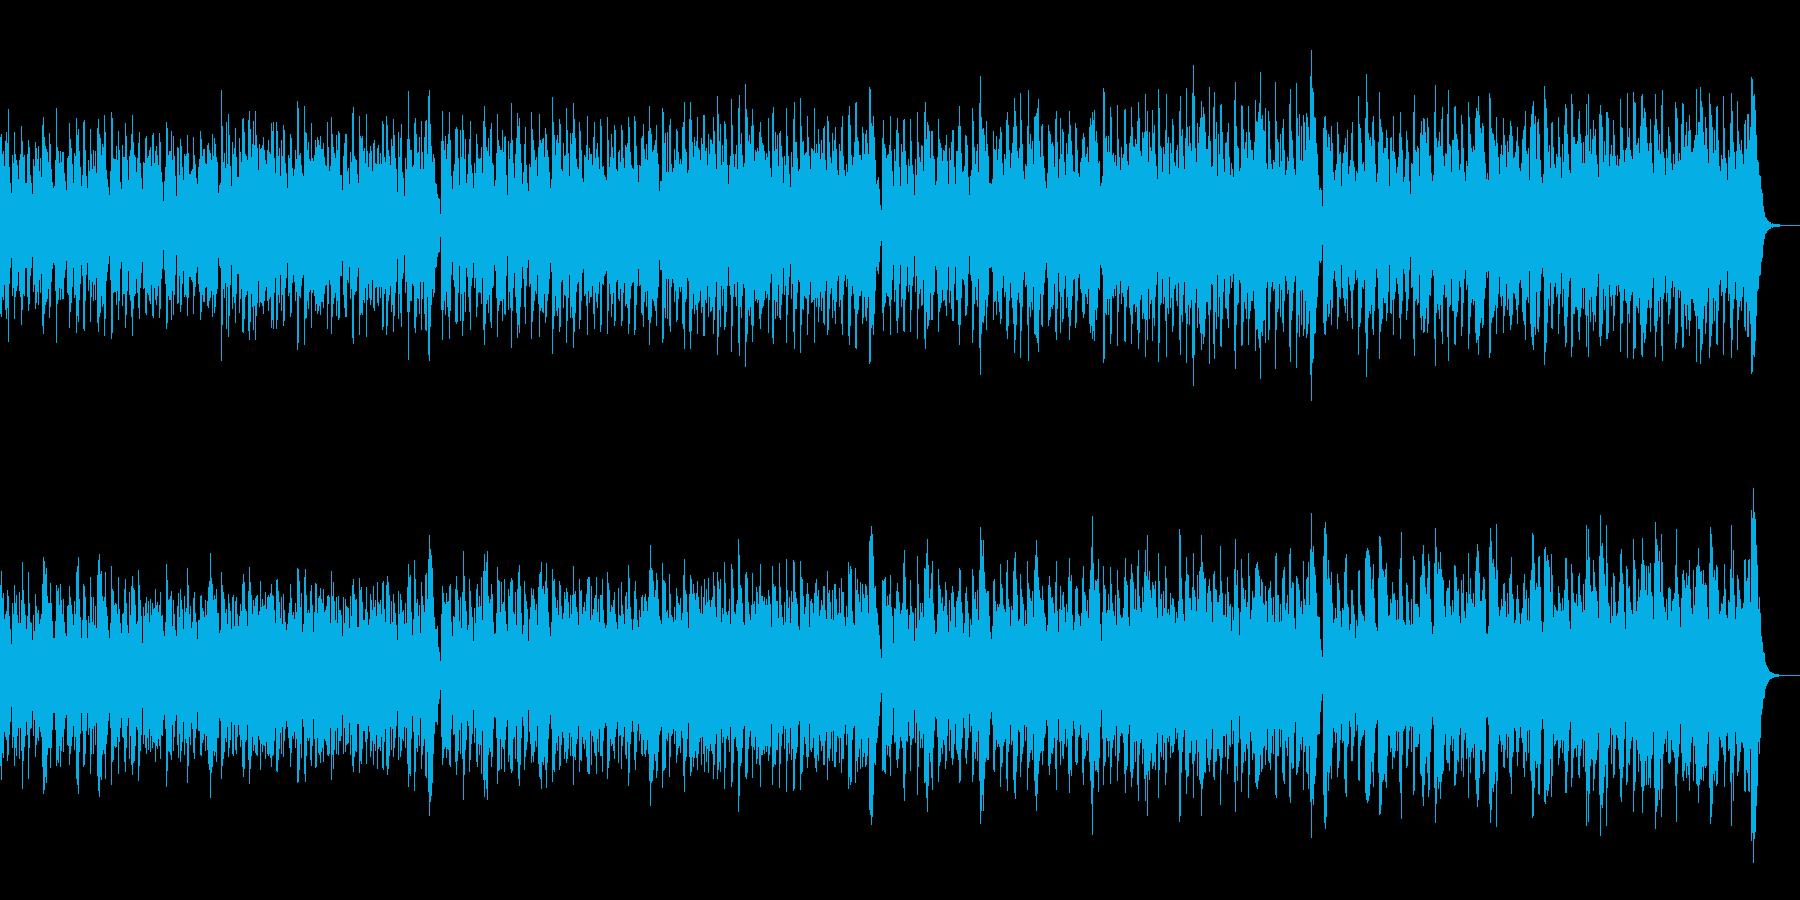 信号ラッパ・運動会・選手入場・軍隊の行進の再生済みの波形